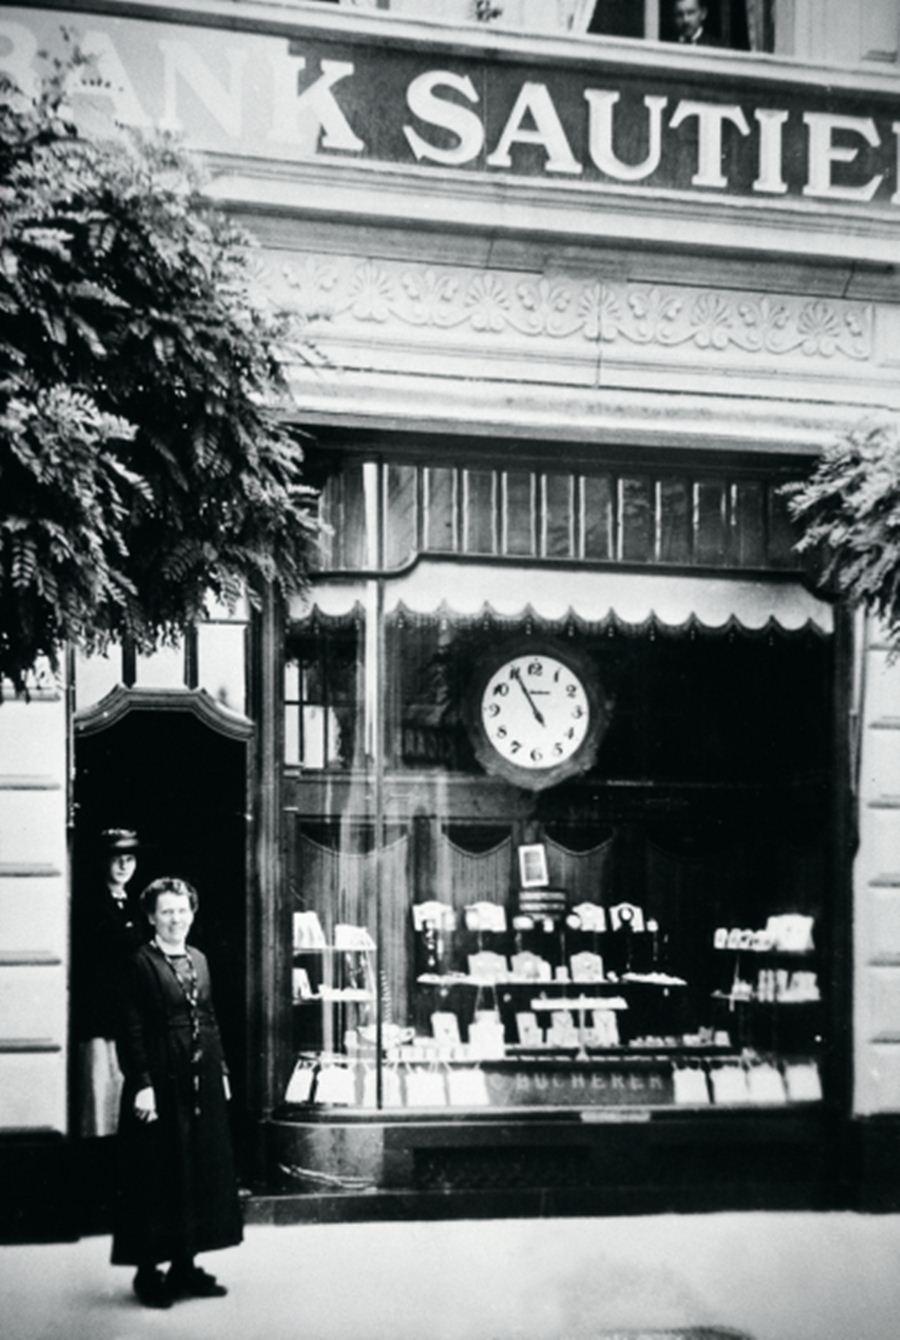 ช็อปแรกของ Carl F. Bucherer ตั้งอยู่ที่เมือง Lucerne เปิดขึ้นเมื่อปี 1888